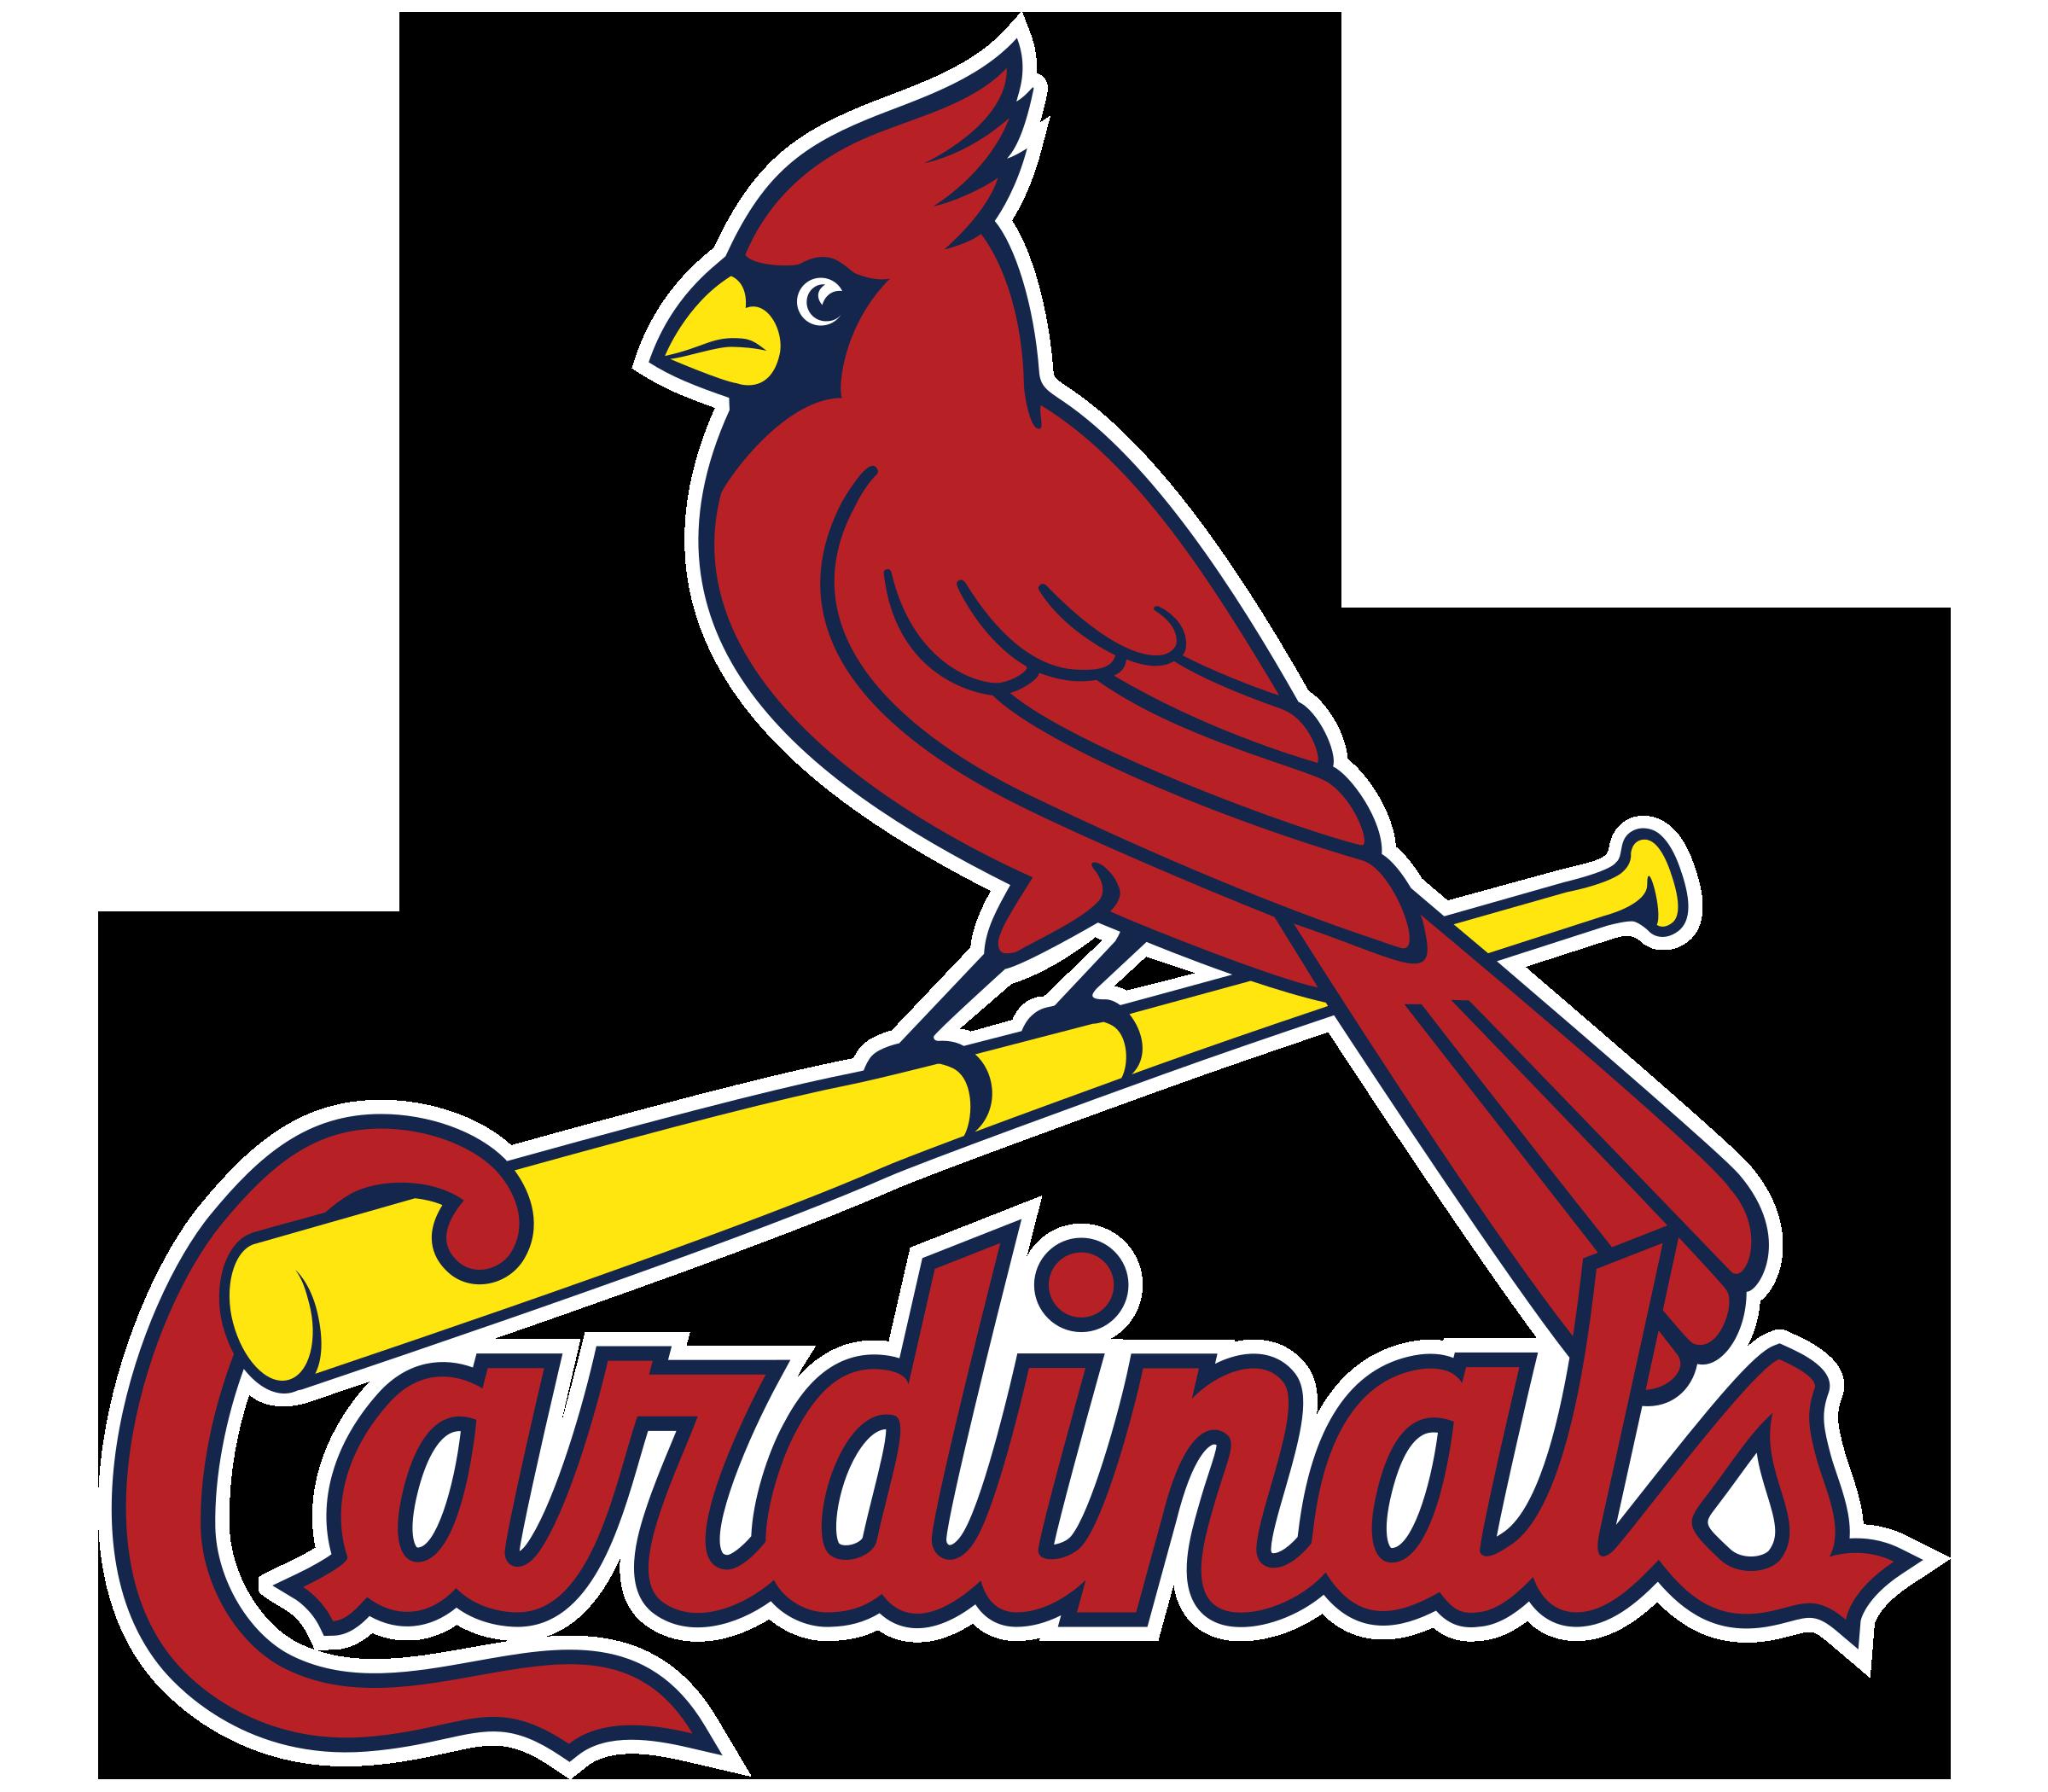 st-louis-cardinals-logo-transparent.png